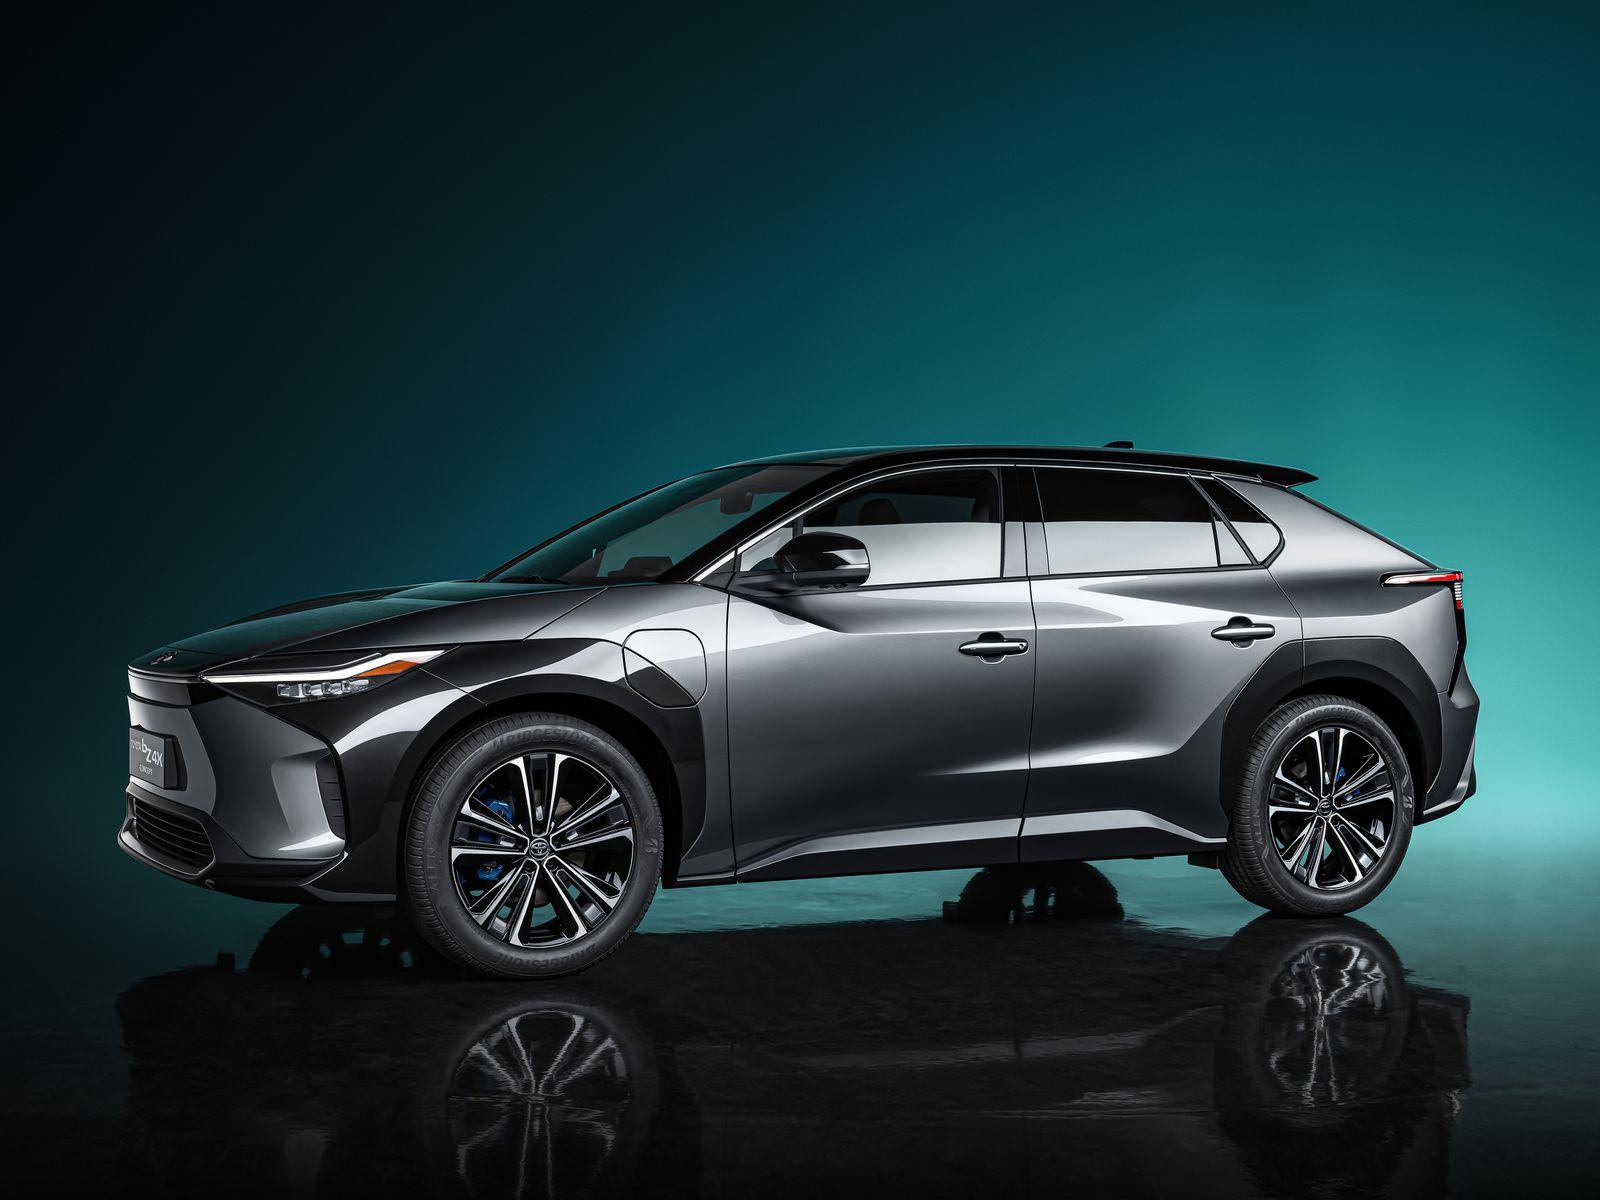 丰田终于宣布了真正的电动汽车战略:到2025年将推出15款纯电动汽车-IT和交通-cnBeta.COM